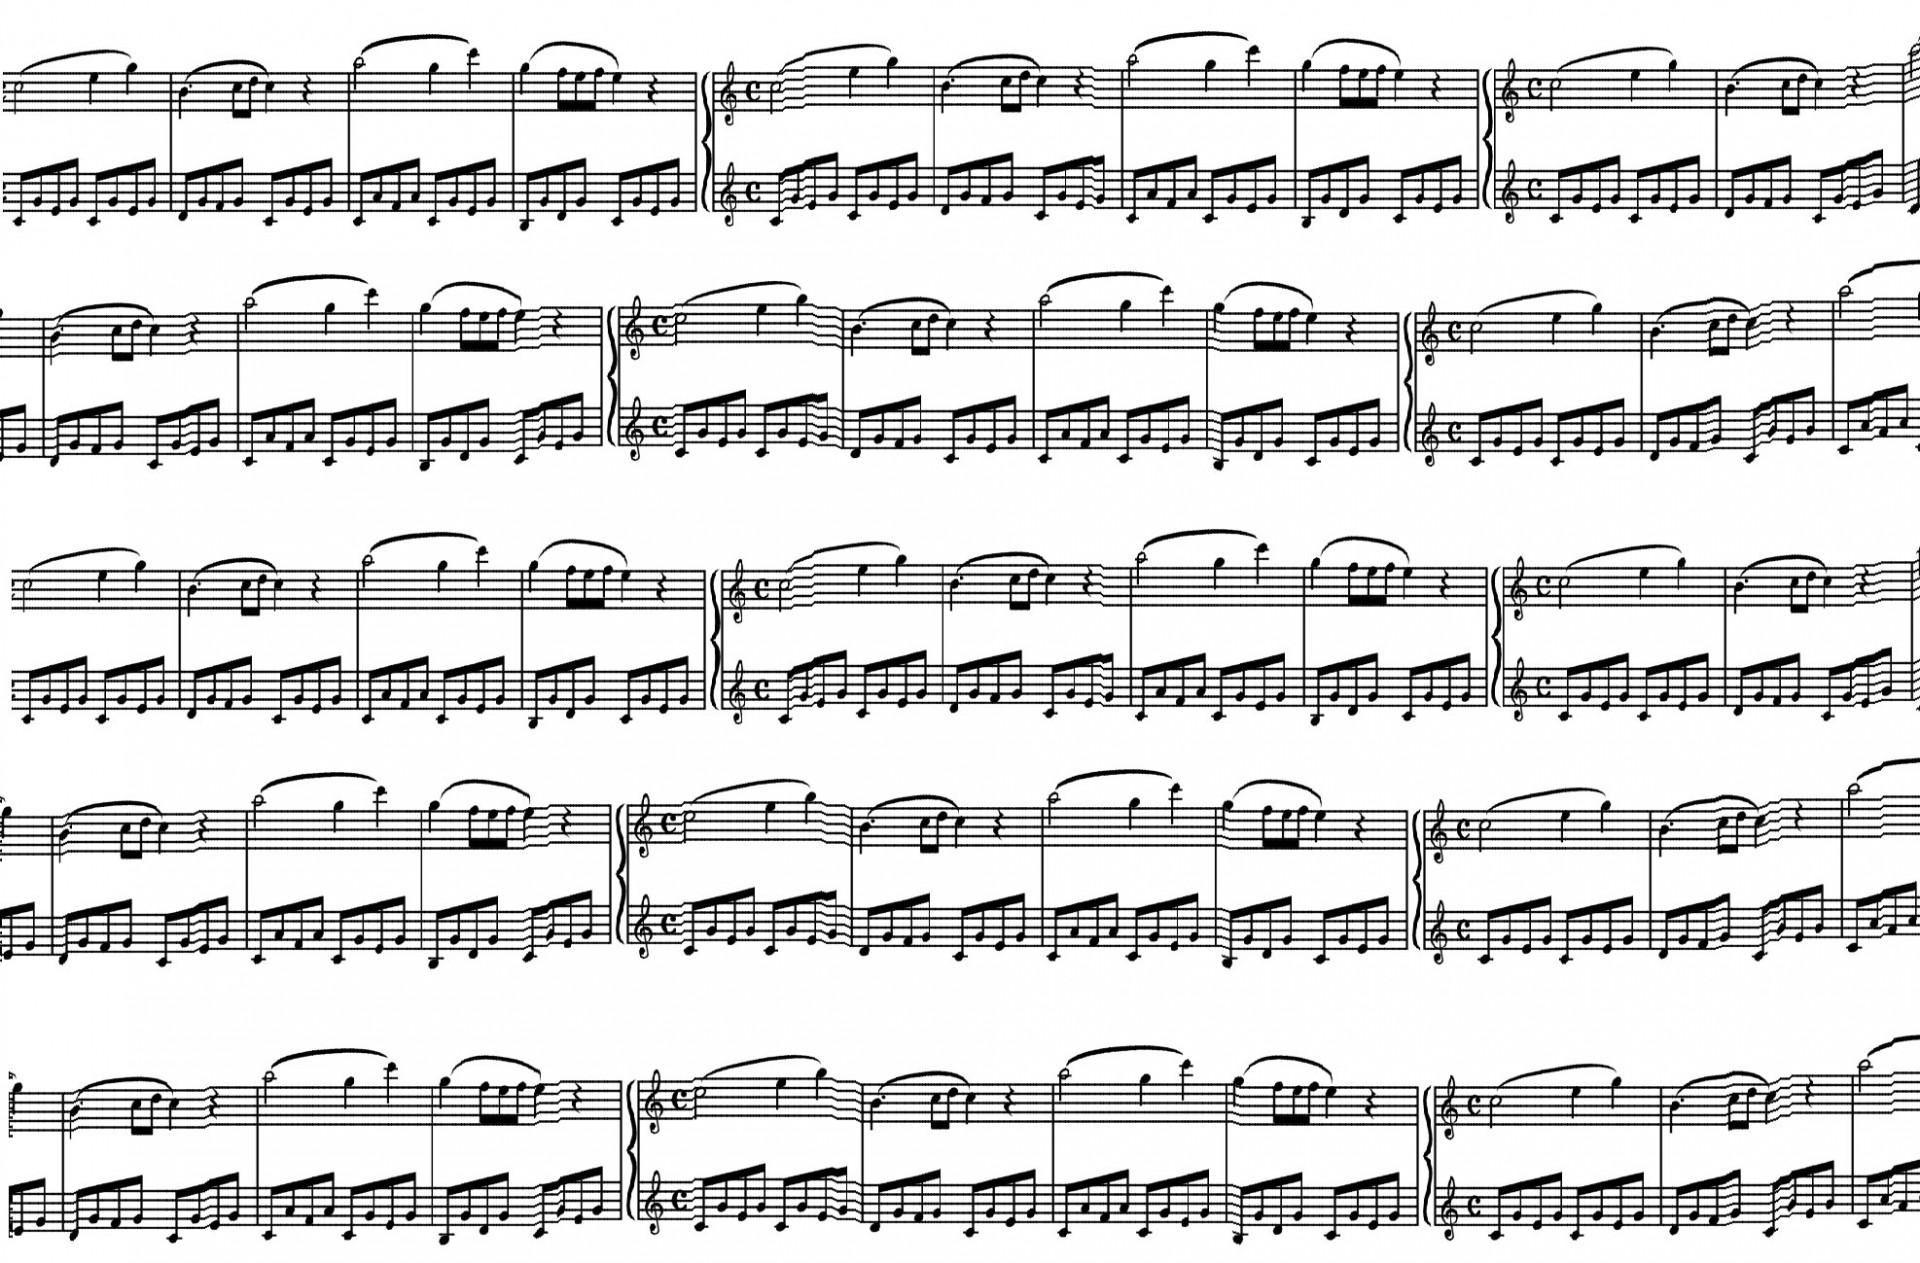 Music sheet clipart.